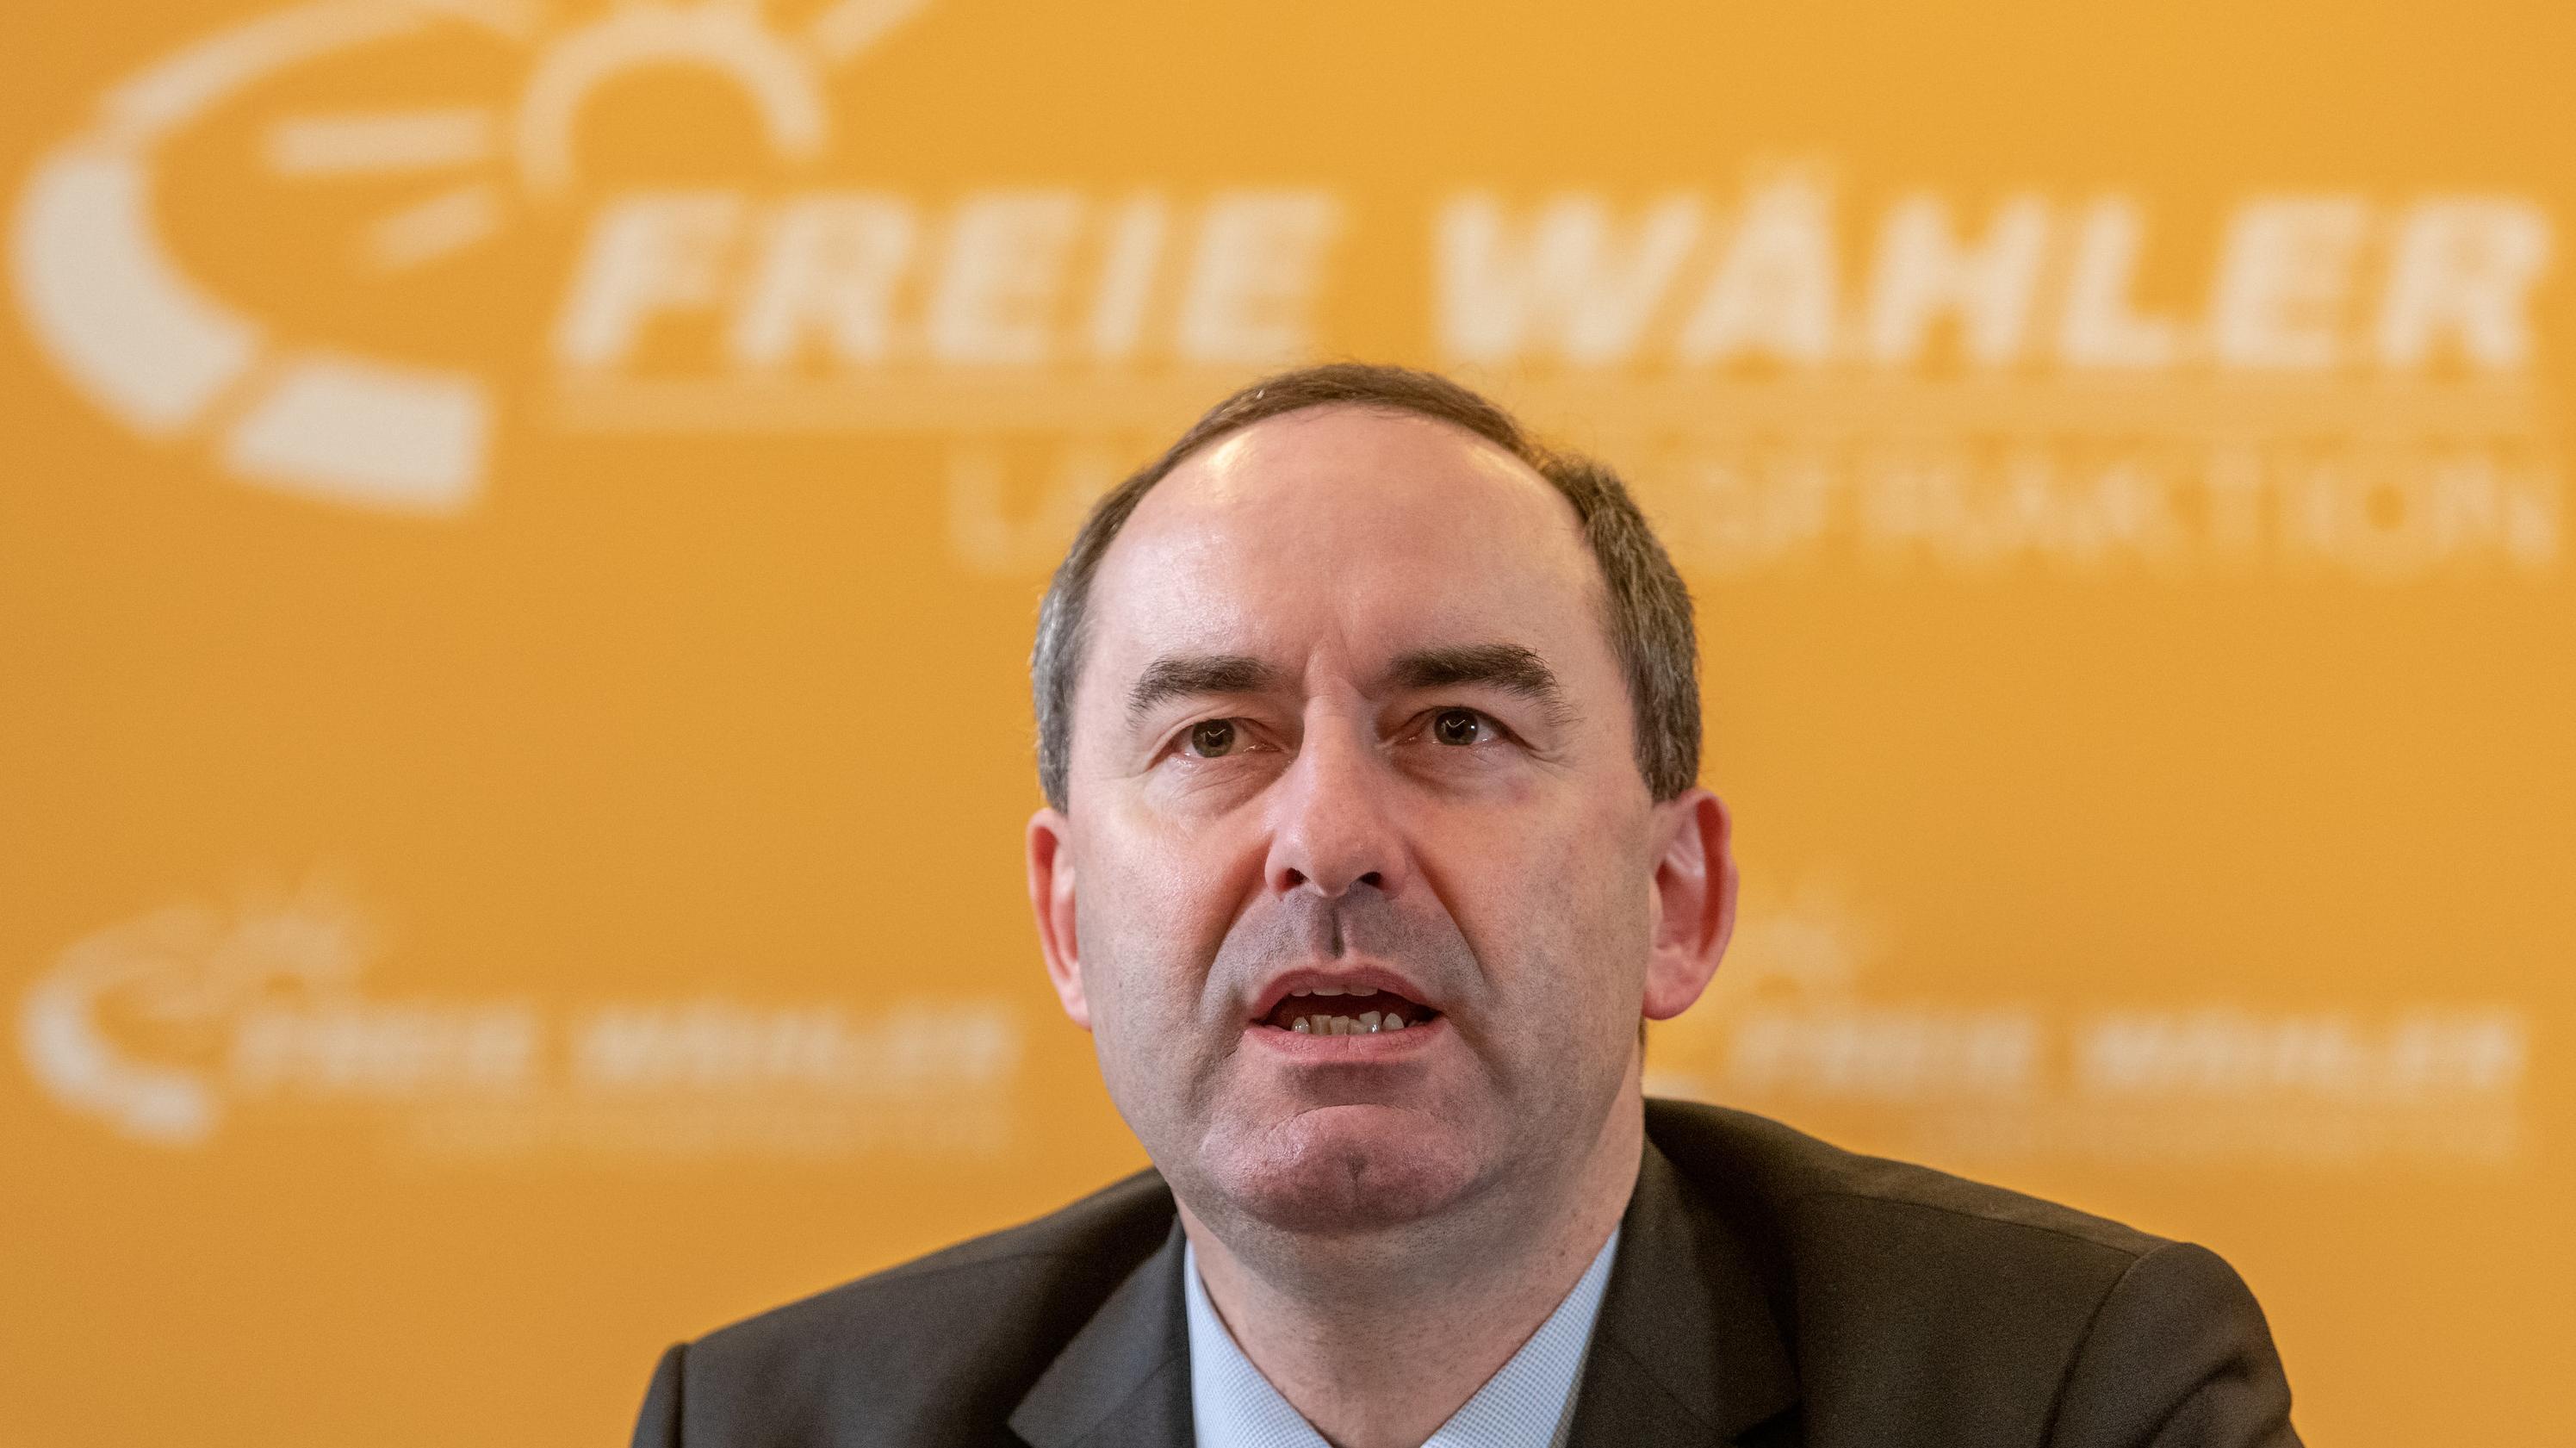 Hubert Aiwanger, Wirtschaftsminister und Landesvorsitzender der Freien Wähler in Bayern, während der Winterklausur in Straubing